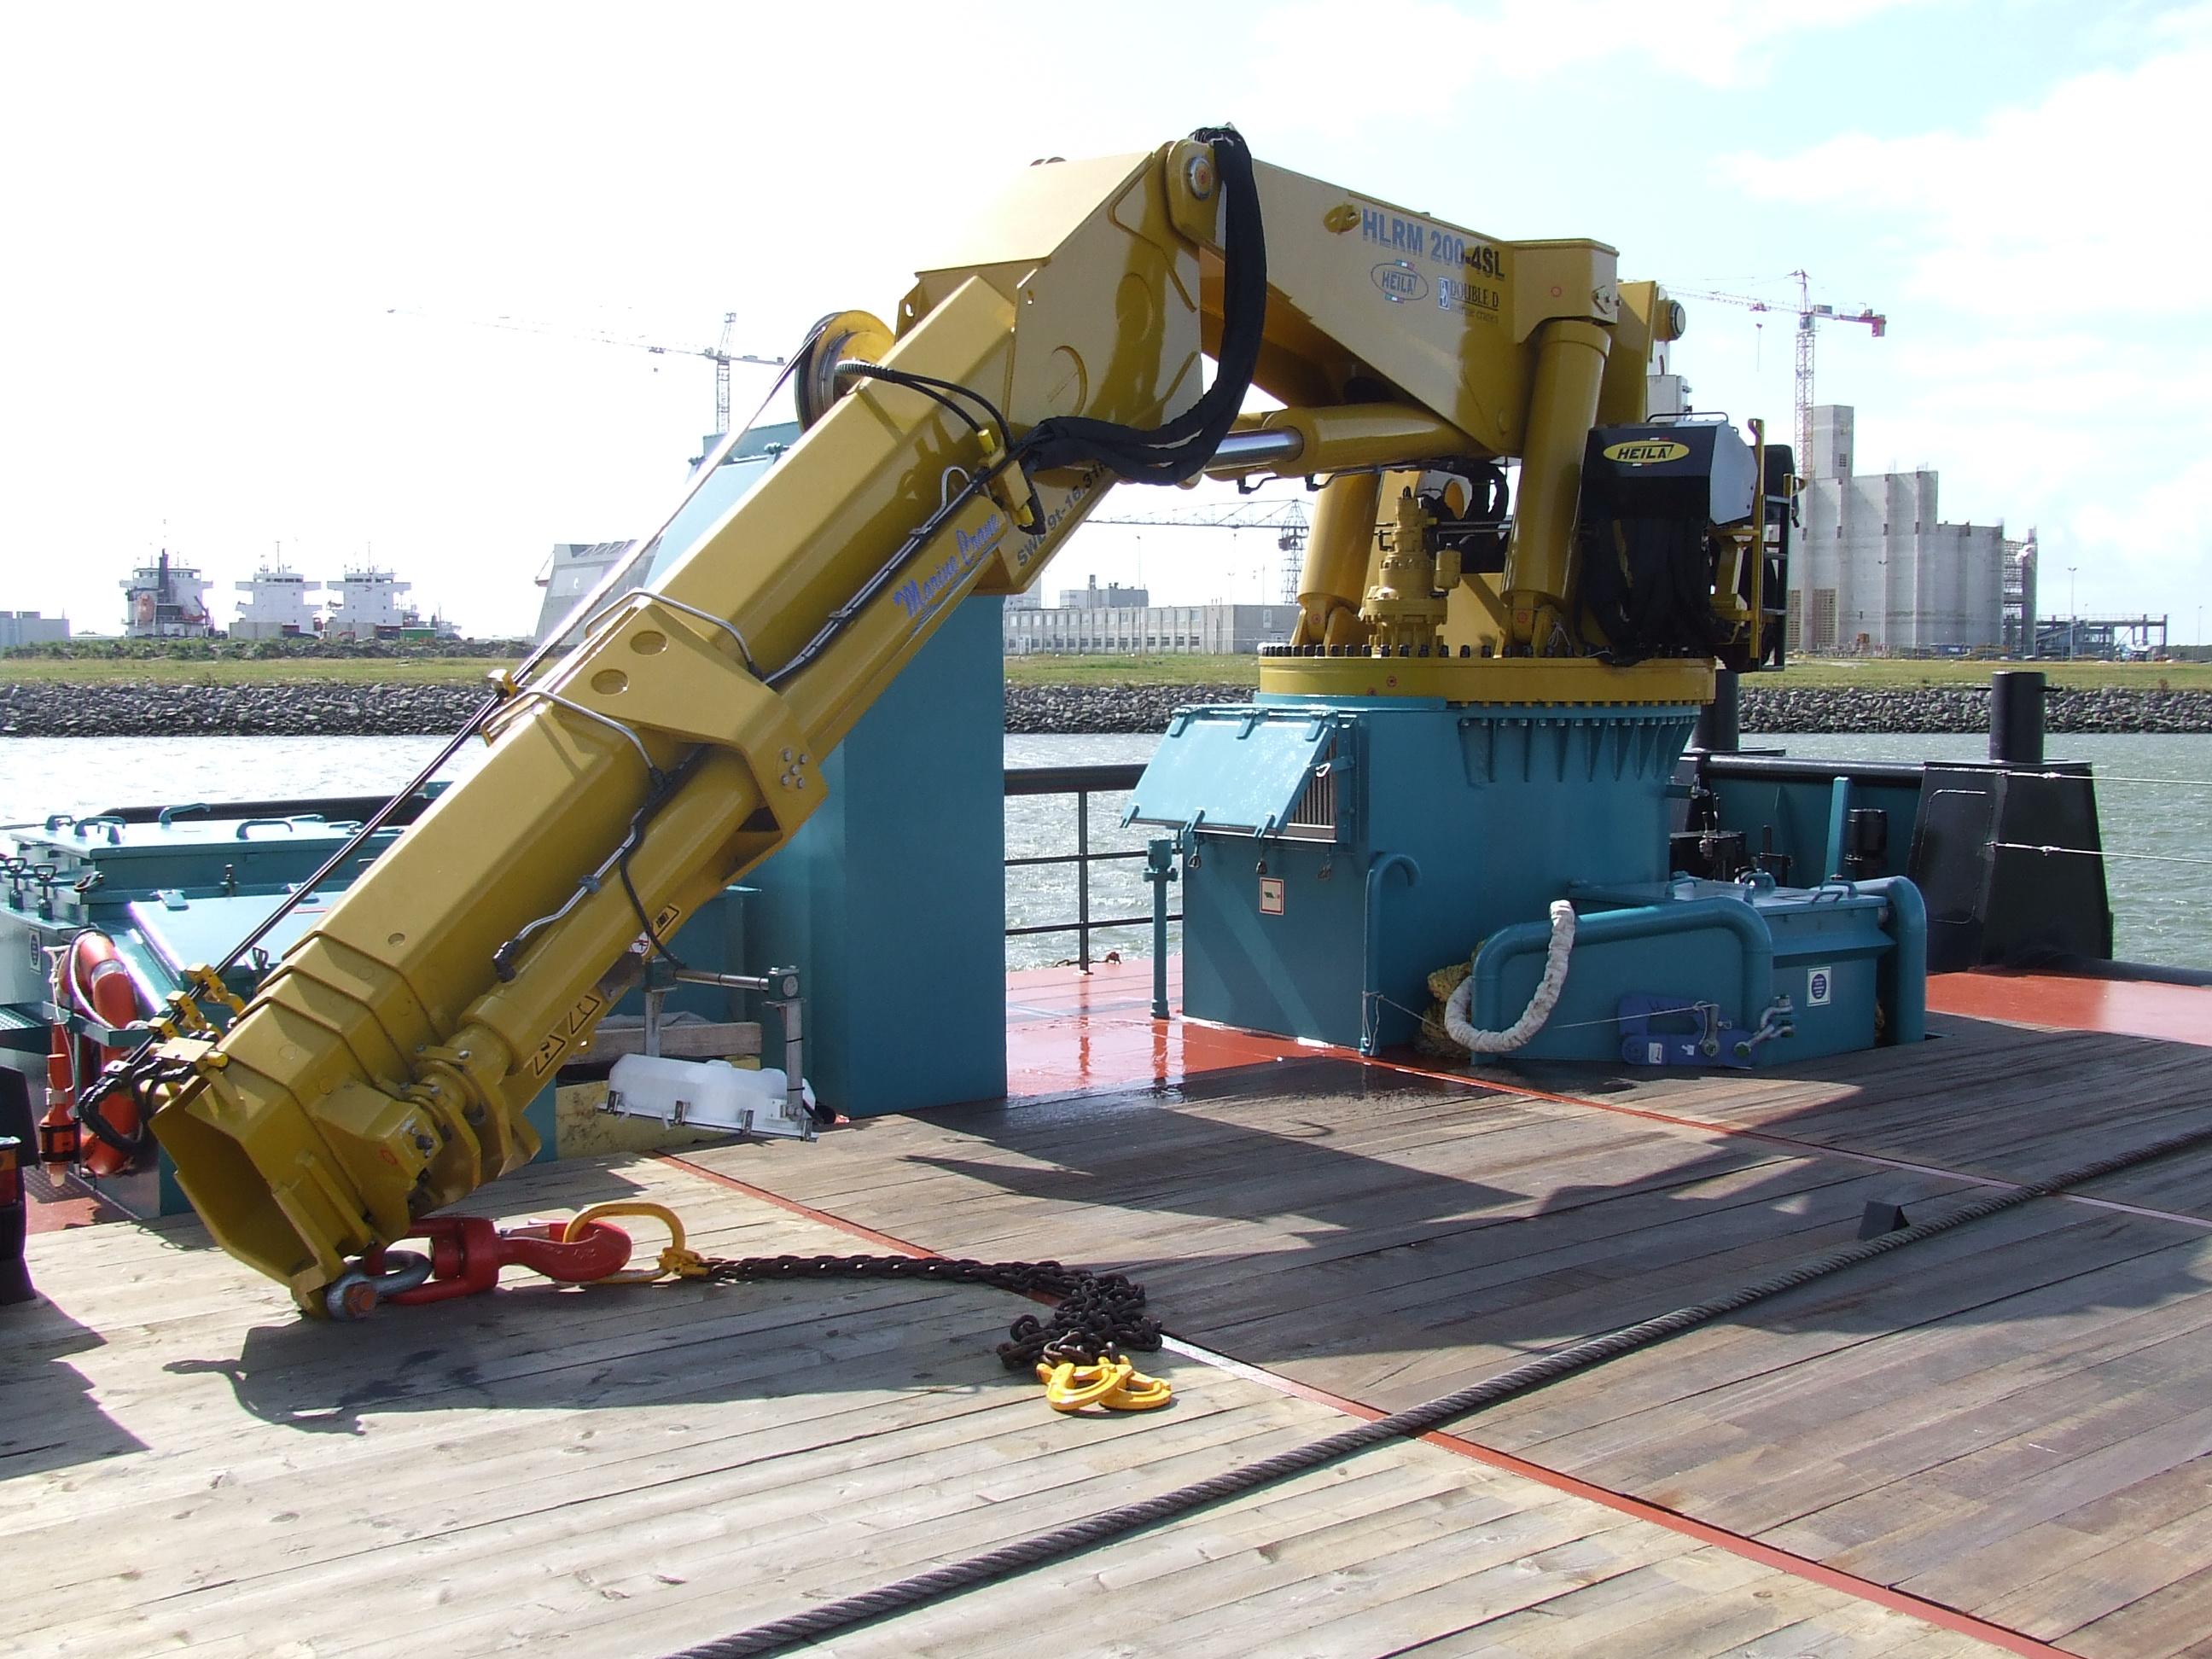 Kraan op het schip de Coastal Discovery